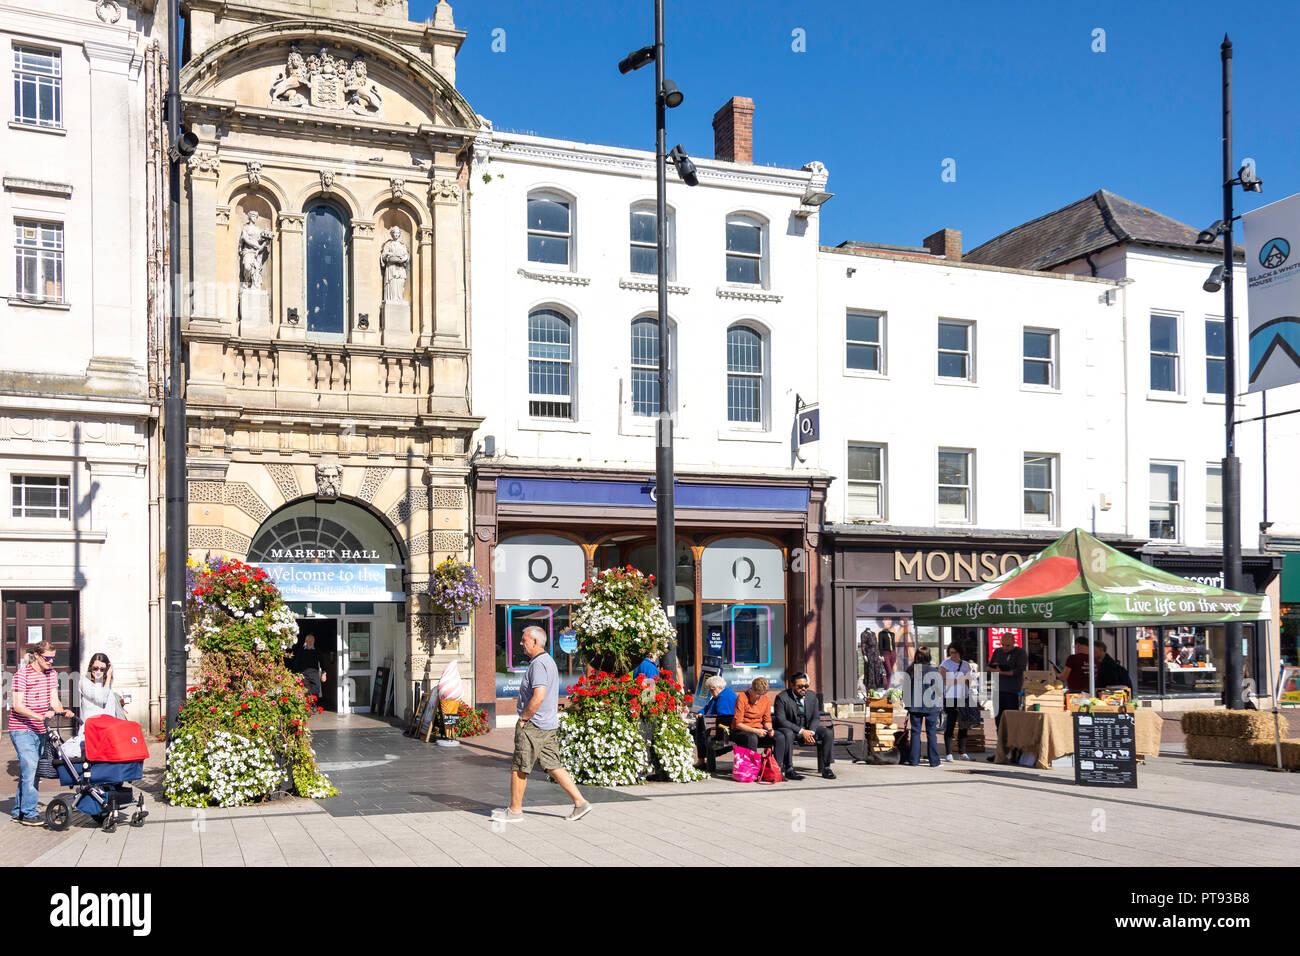 Eingang zur Markthalle, High Street, Hereford, Herefordshire, England, Vereinigtes Königreich Stockbild